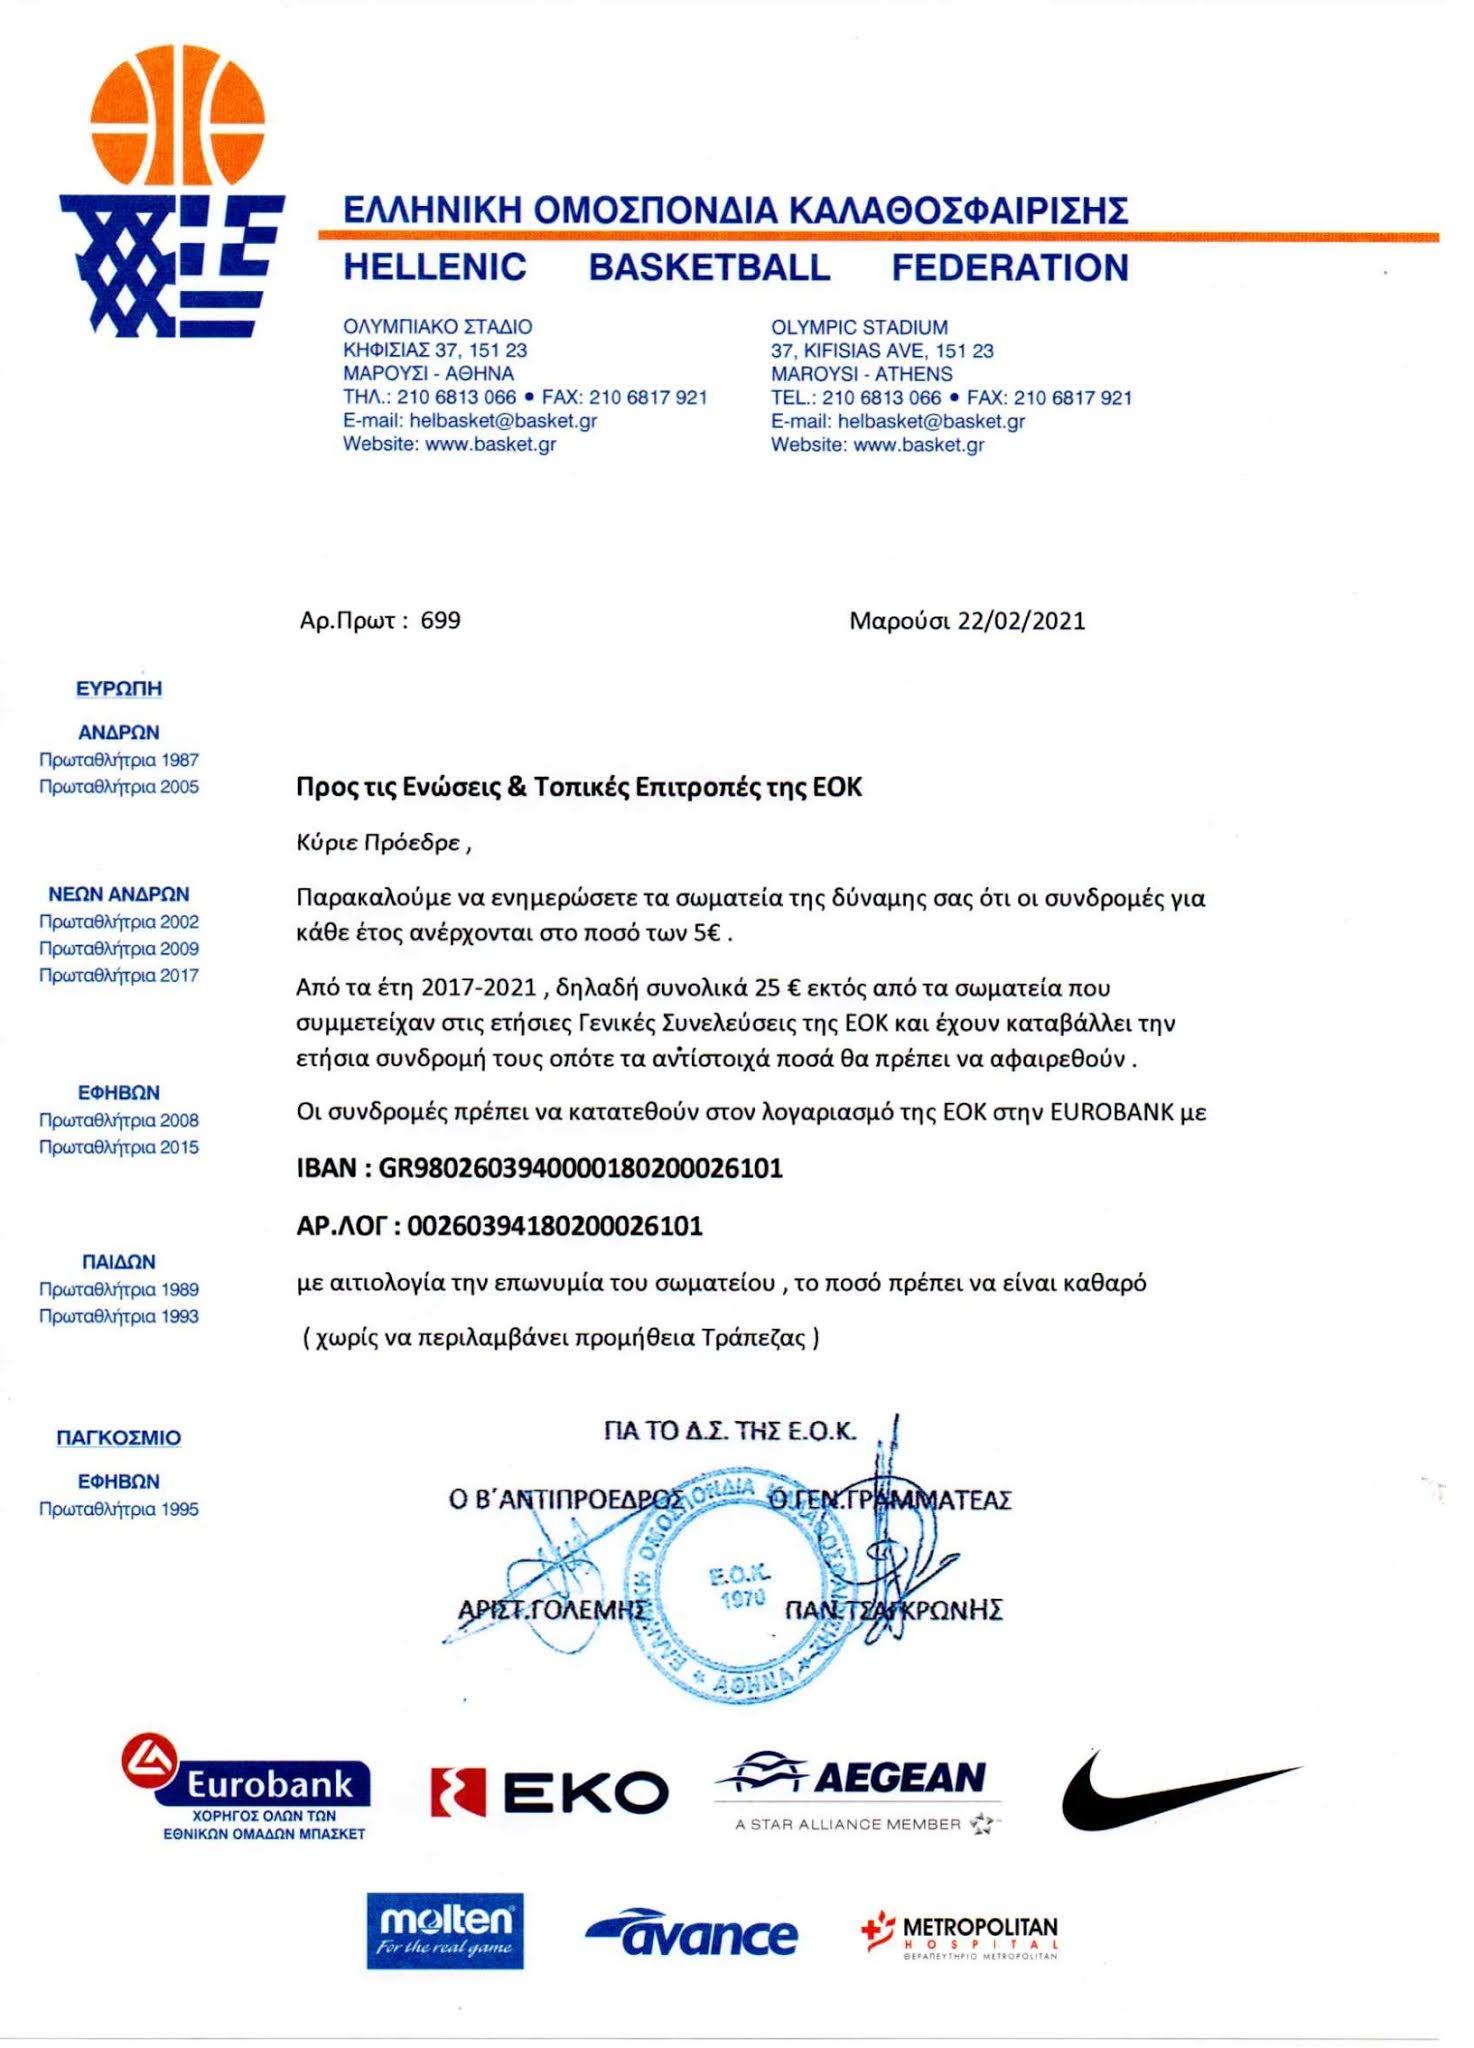 Ενημέρωση της ΕΟΚ για συνδρομές σωματείων στην Ομοσπονδία